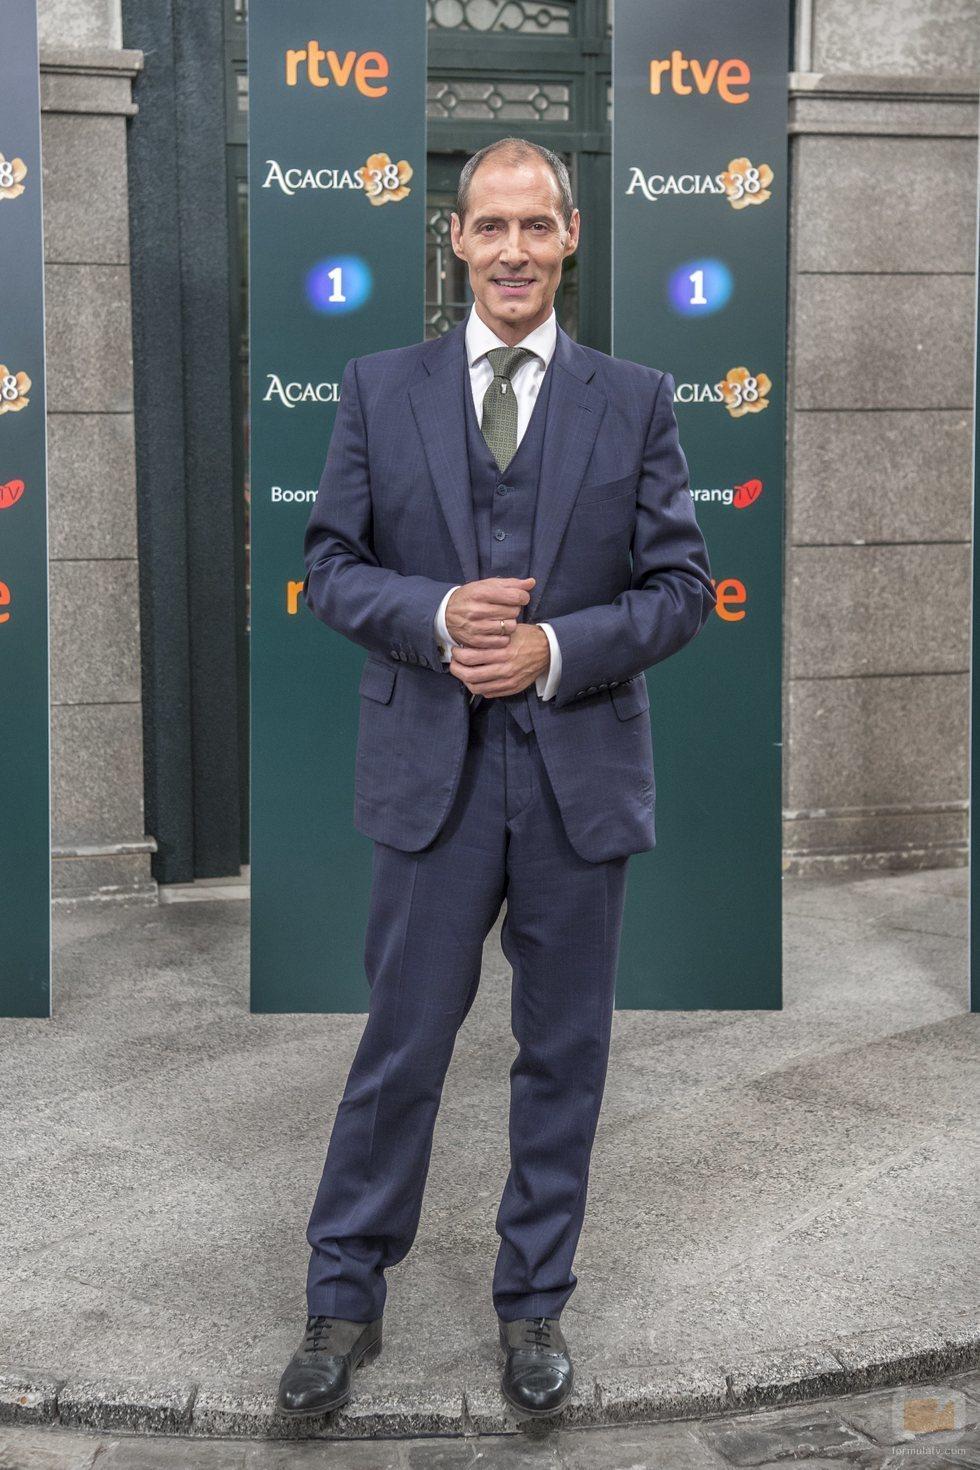 Manuel Bandera interpreta a José en 'Acacias 38'